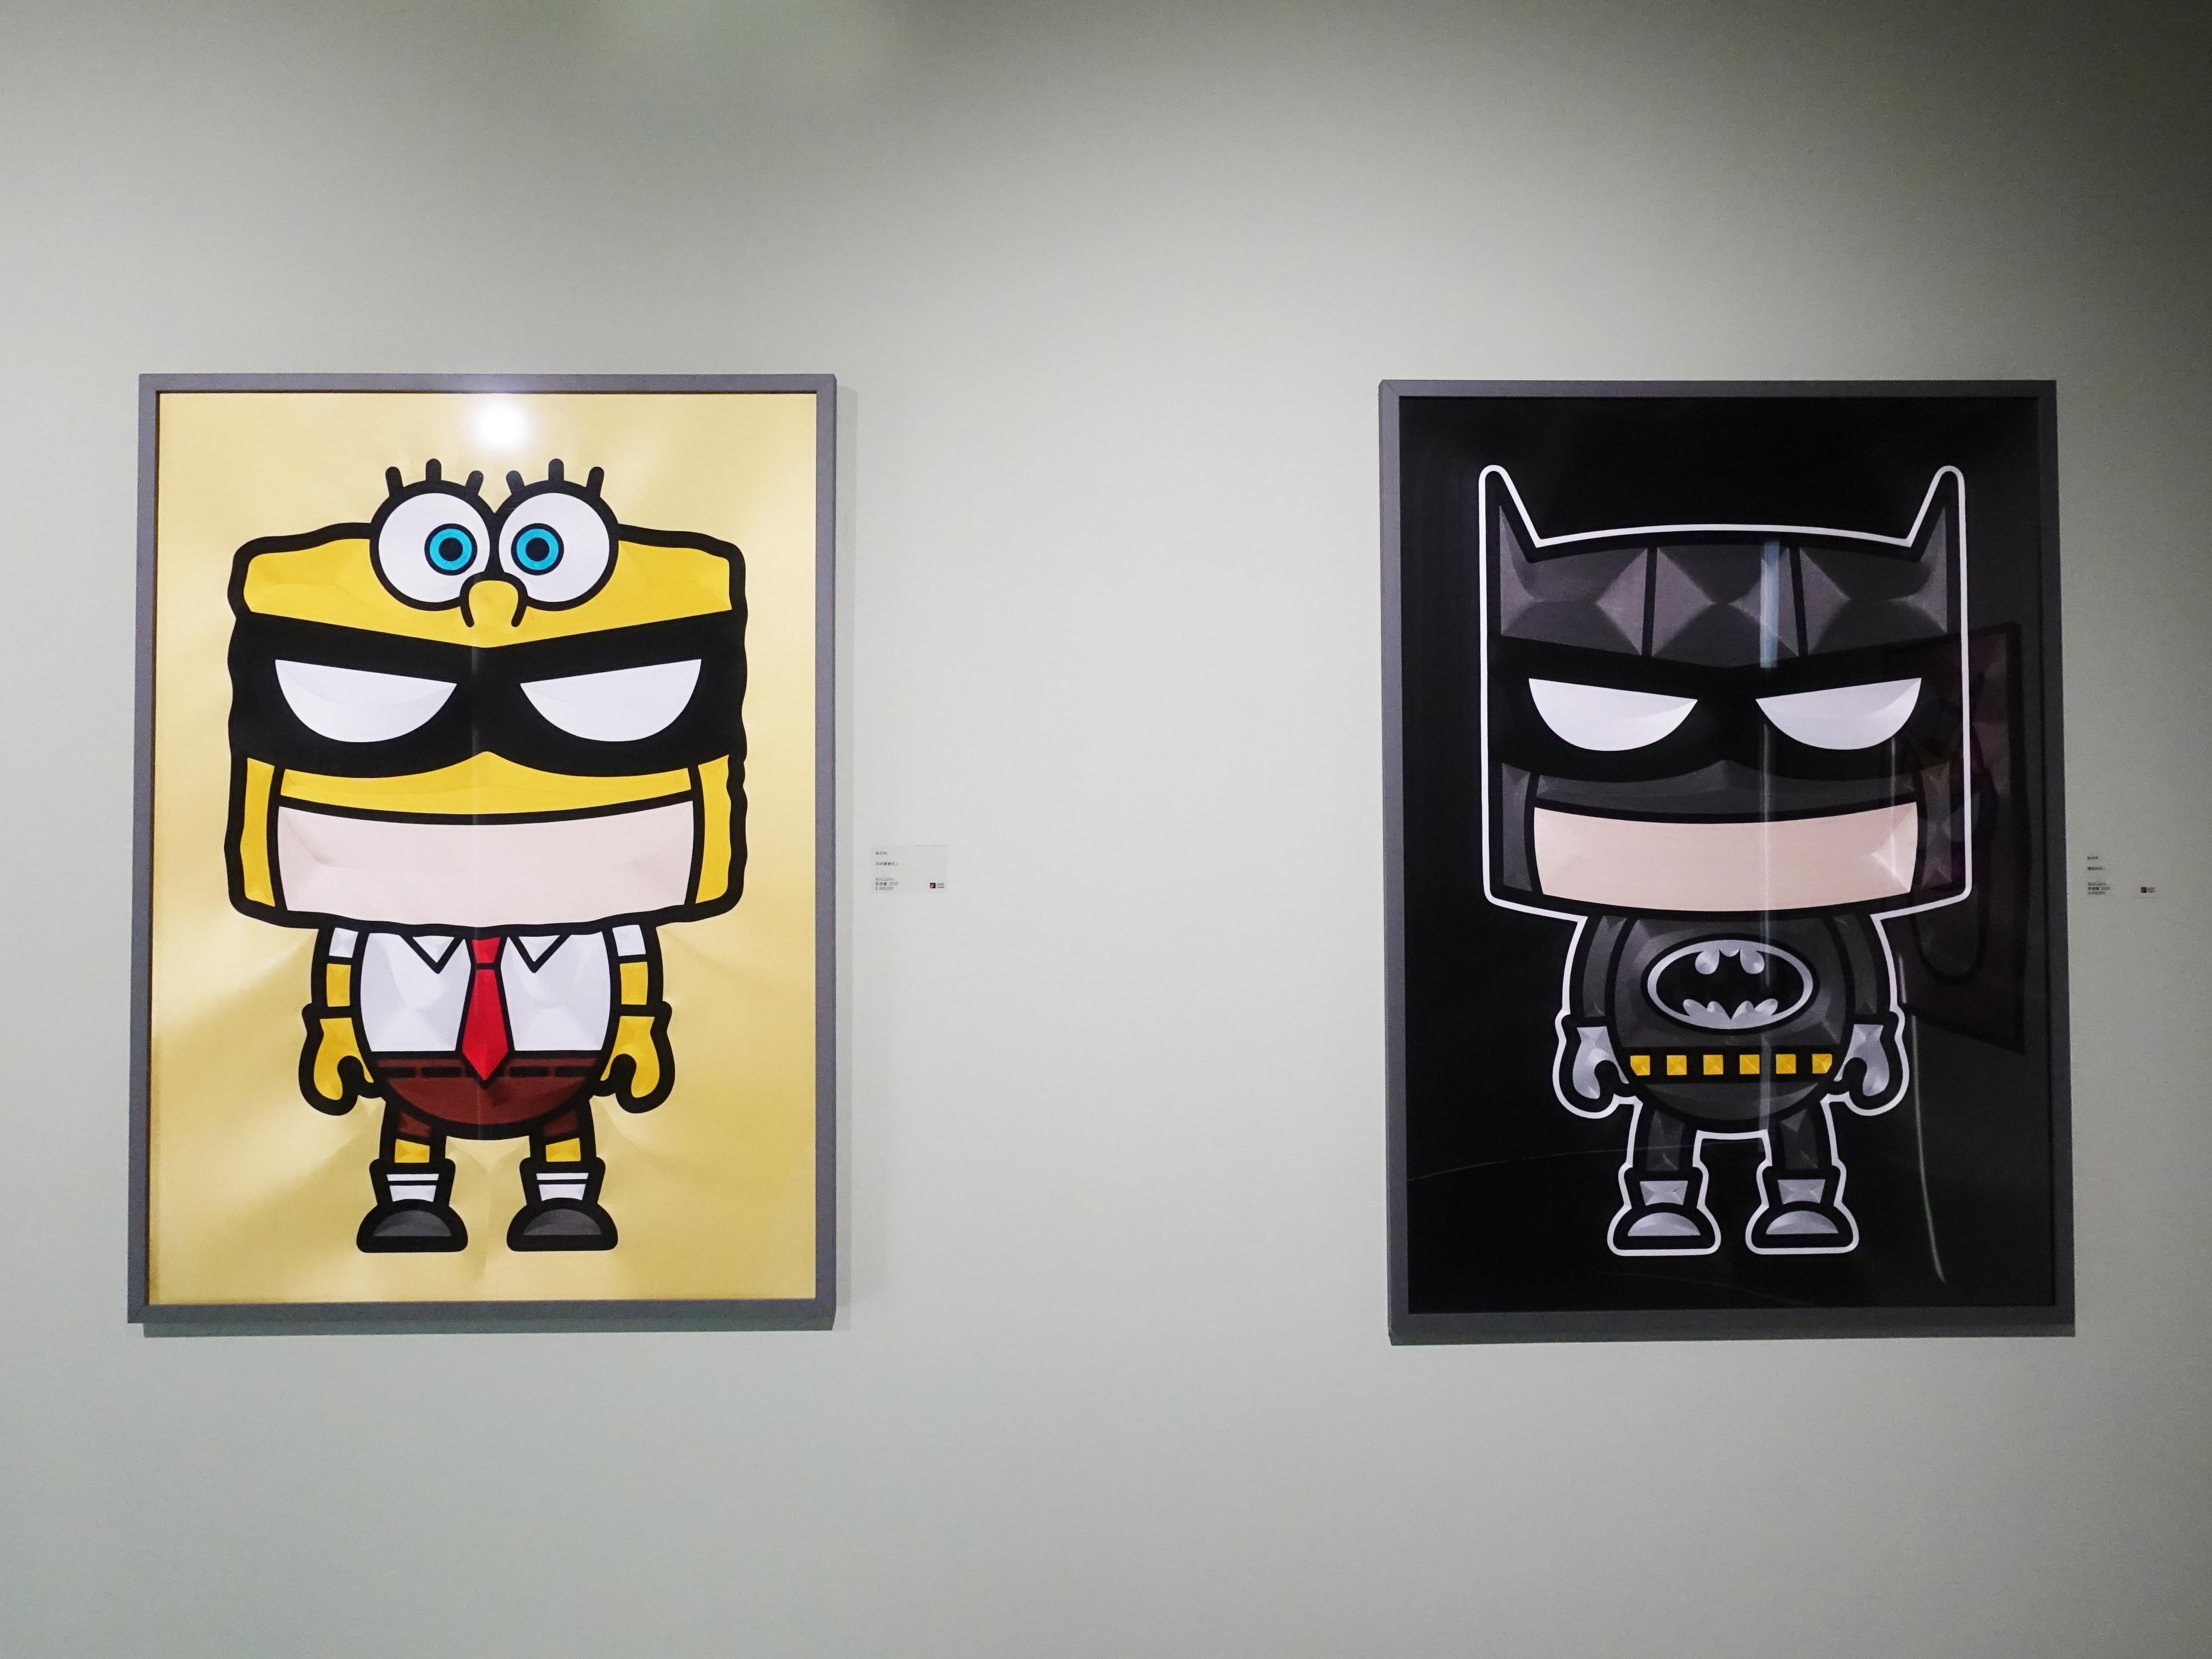 蔡忠和,《海綿寶寶超人》,80 x 110 cm,點線畫,2018。《扁蝠俠超人》80 x 110 cm,點線畫,2018。